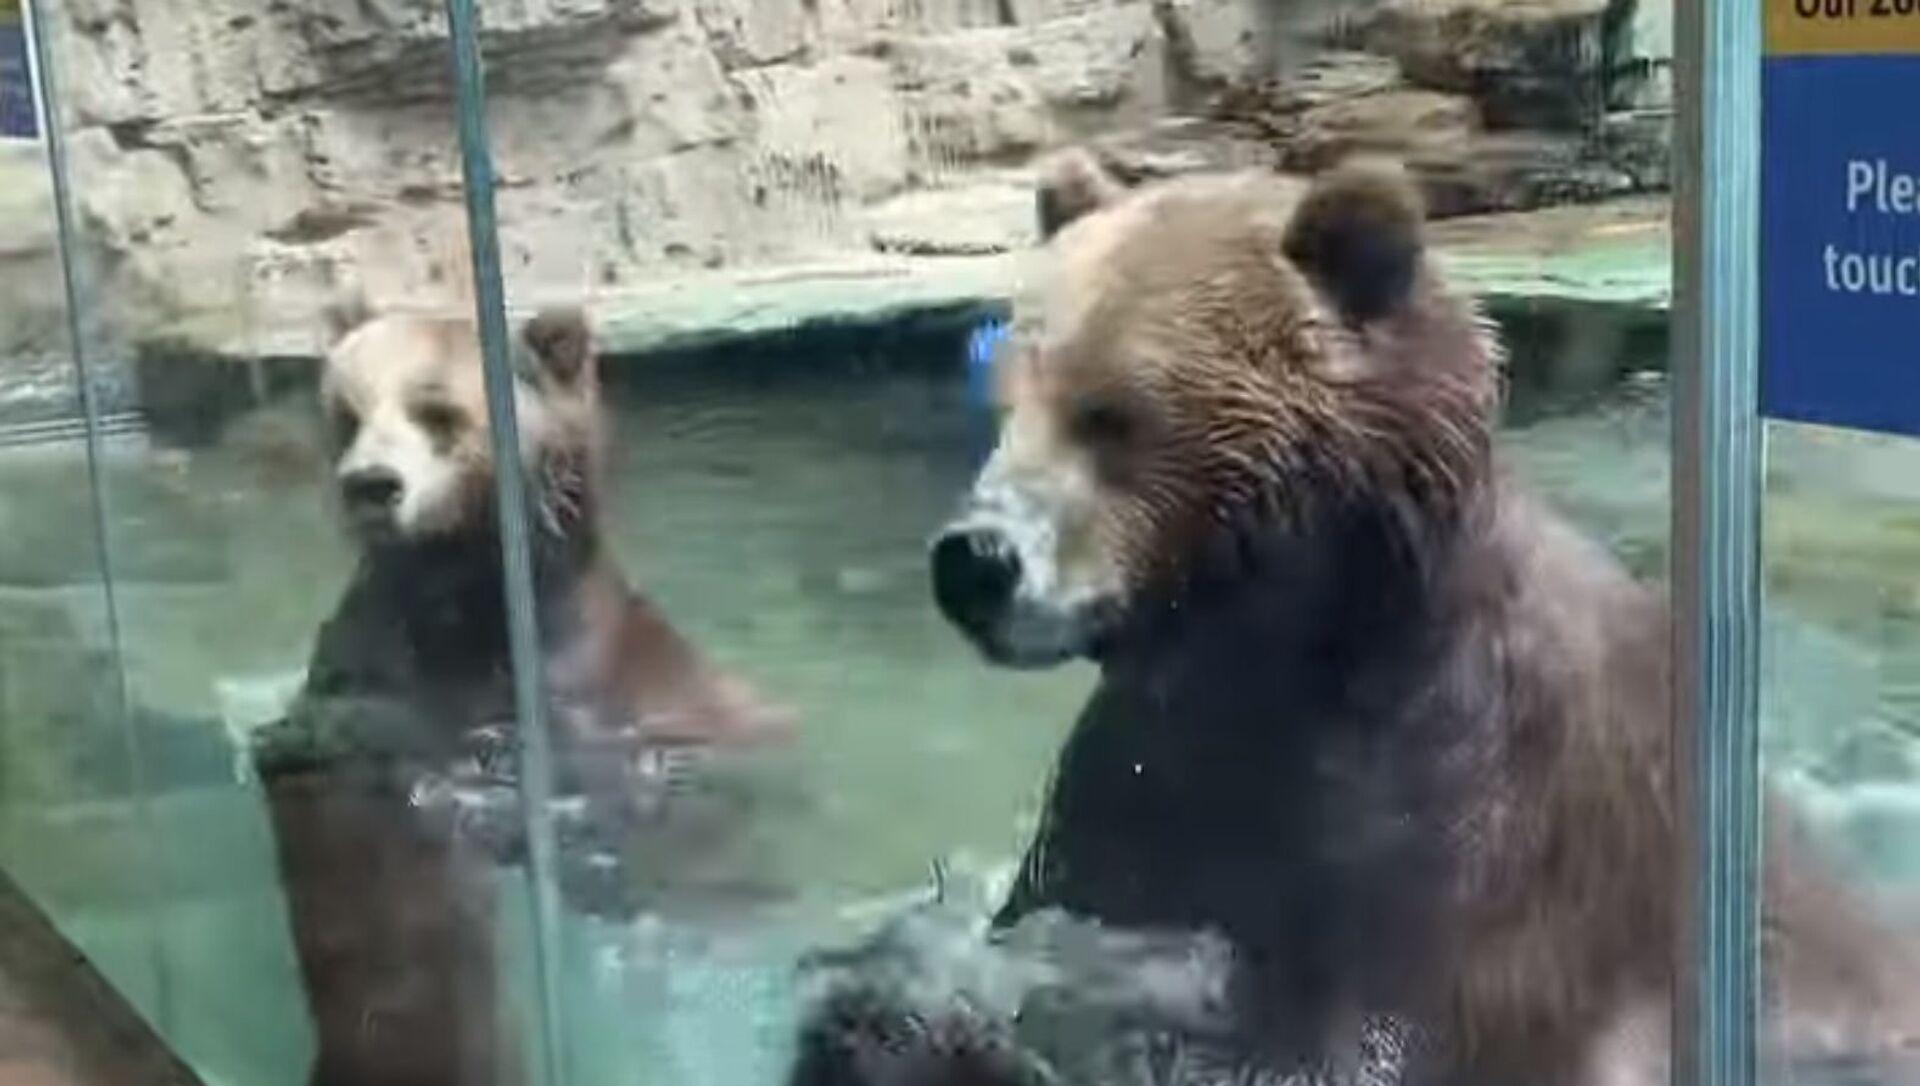 Dancing Bears at Saint Louis Zoo || ViralHog - Sputnik 日本, 1920, 27.05.2021